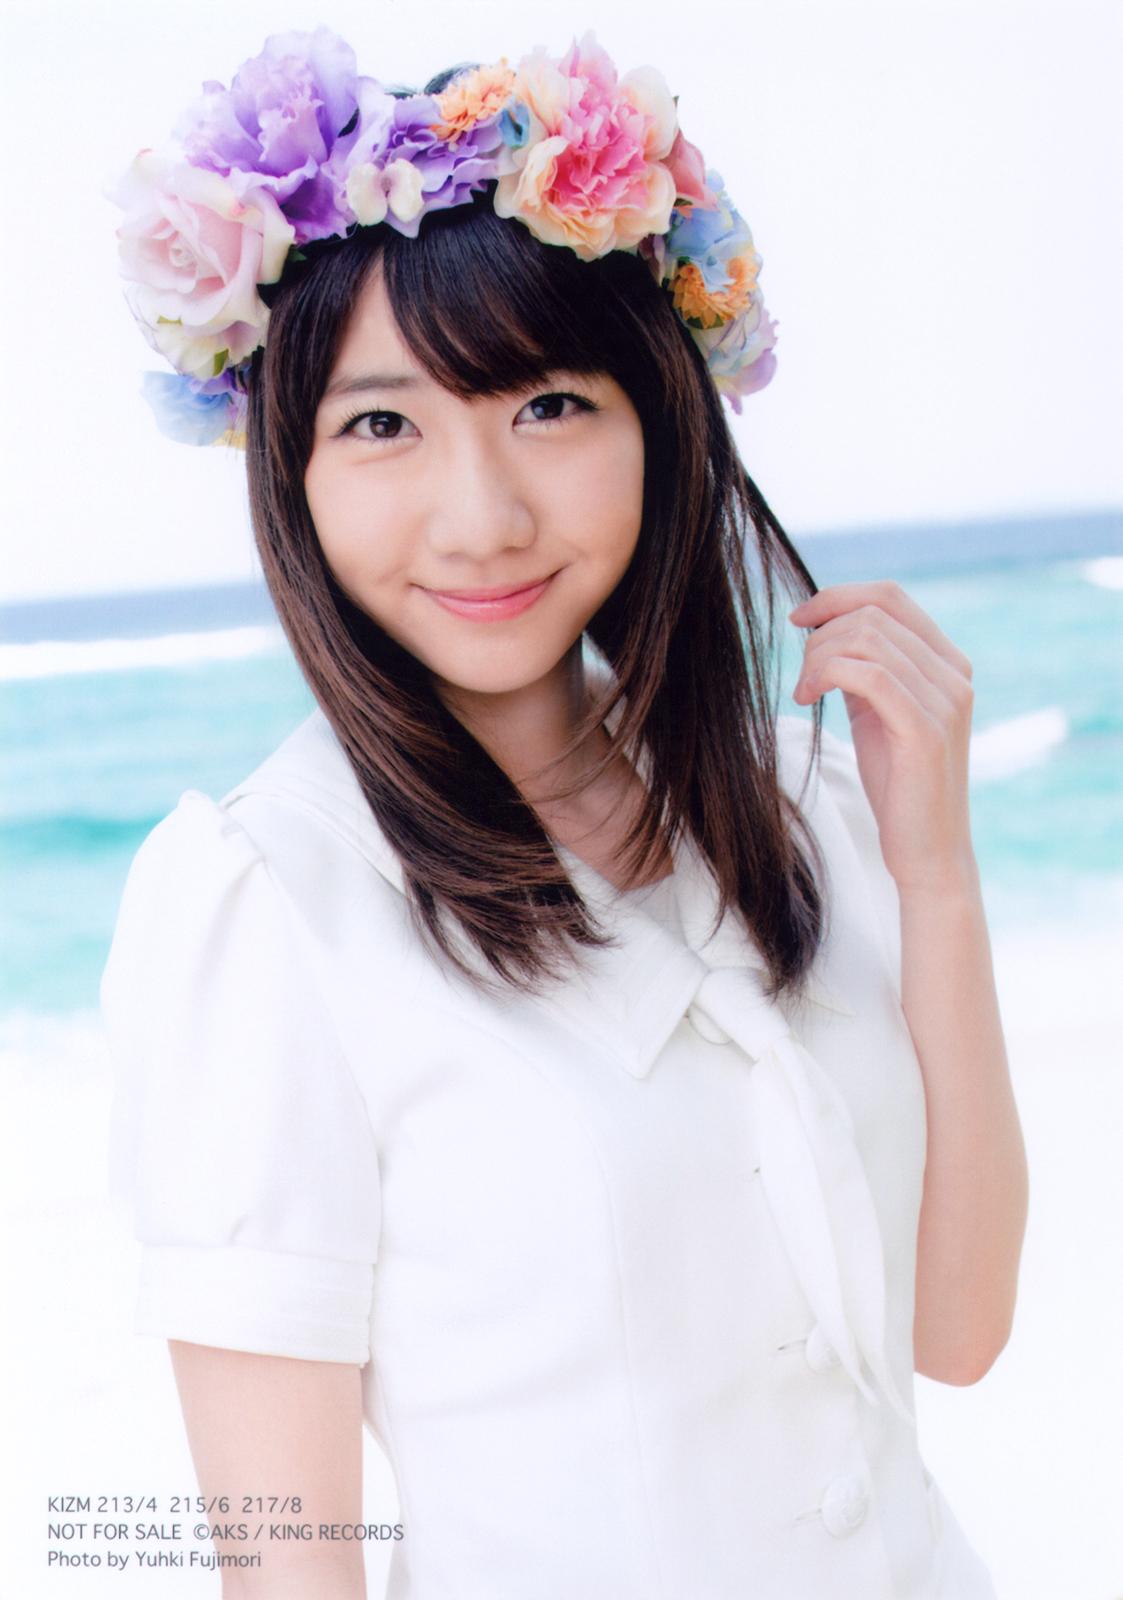 熱愛騒動の処分!?AKB48・柏木由紀の卒業の真相とは一体!?のサムネイル画像